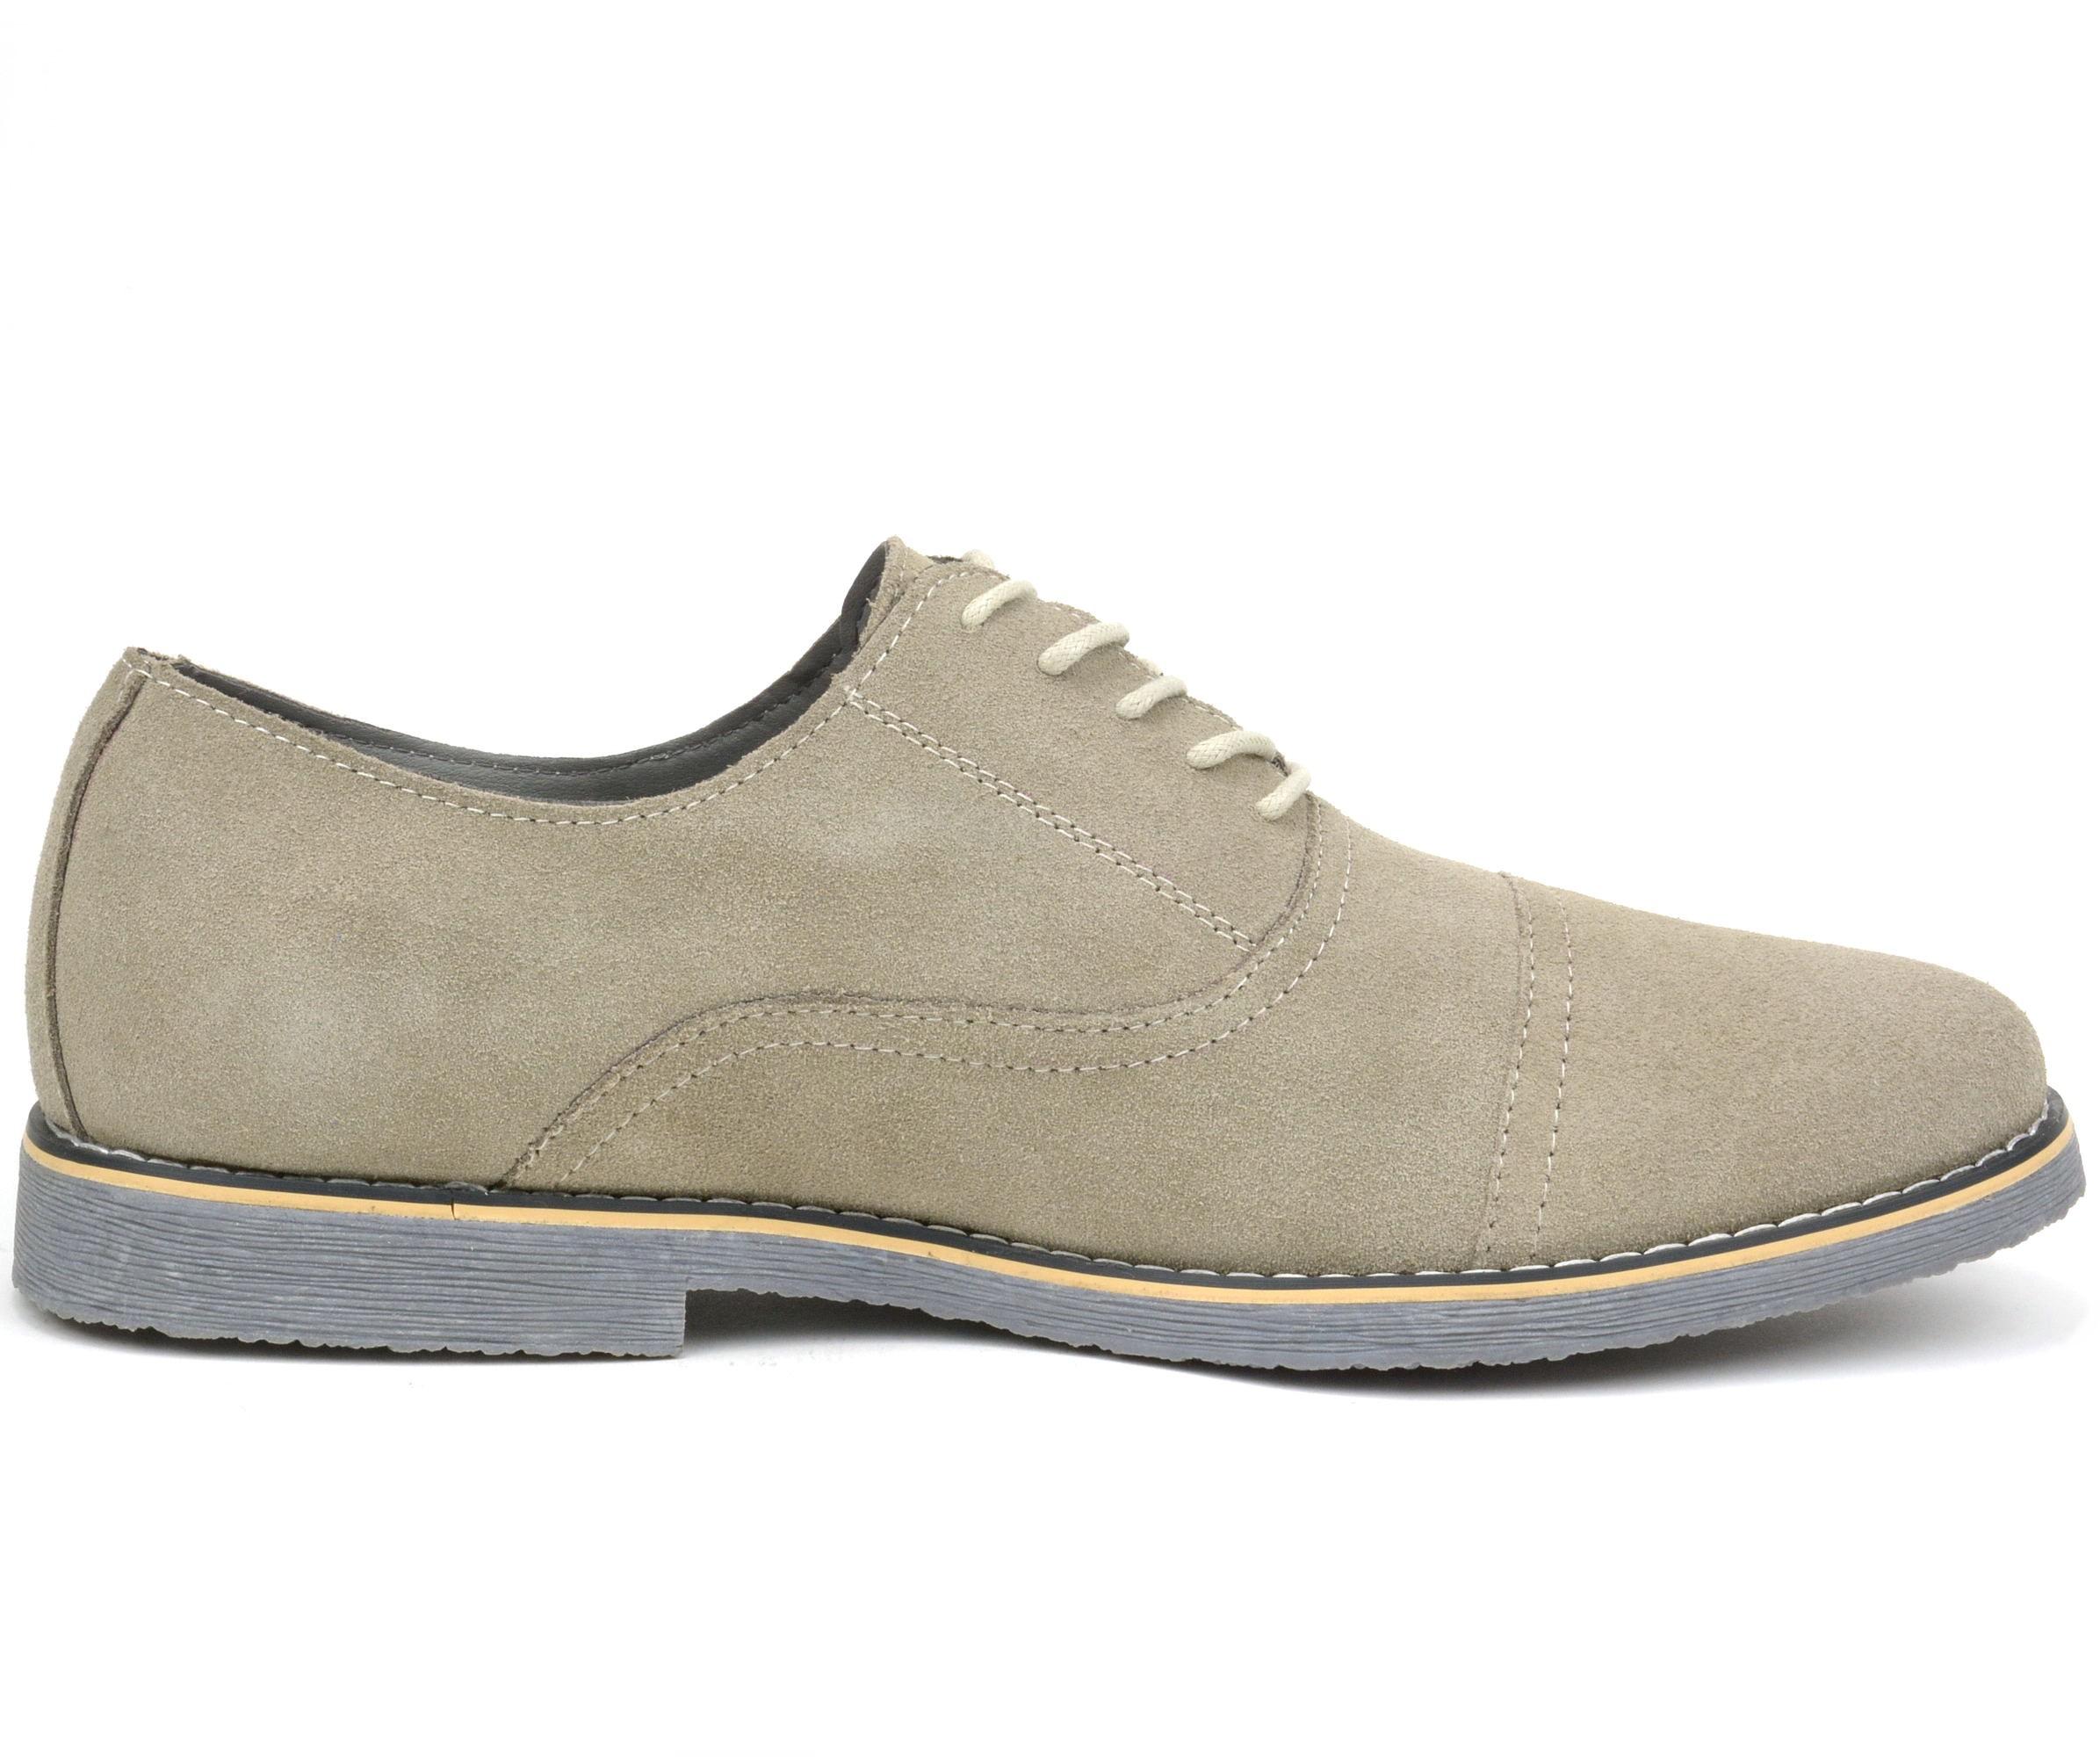 Suede Oxfords Mens Shoes